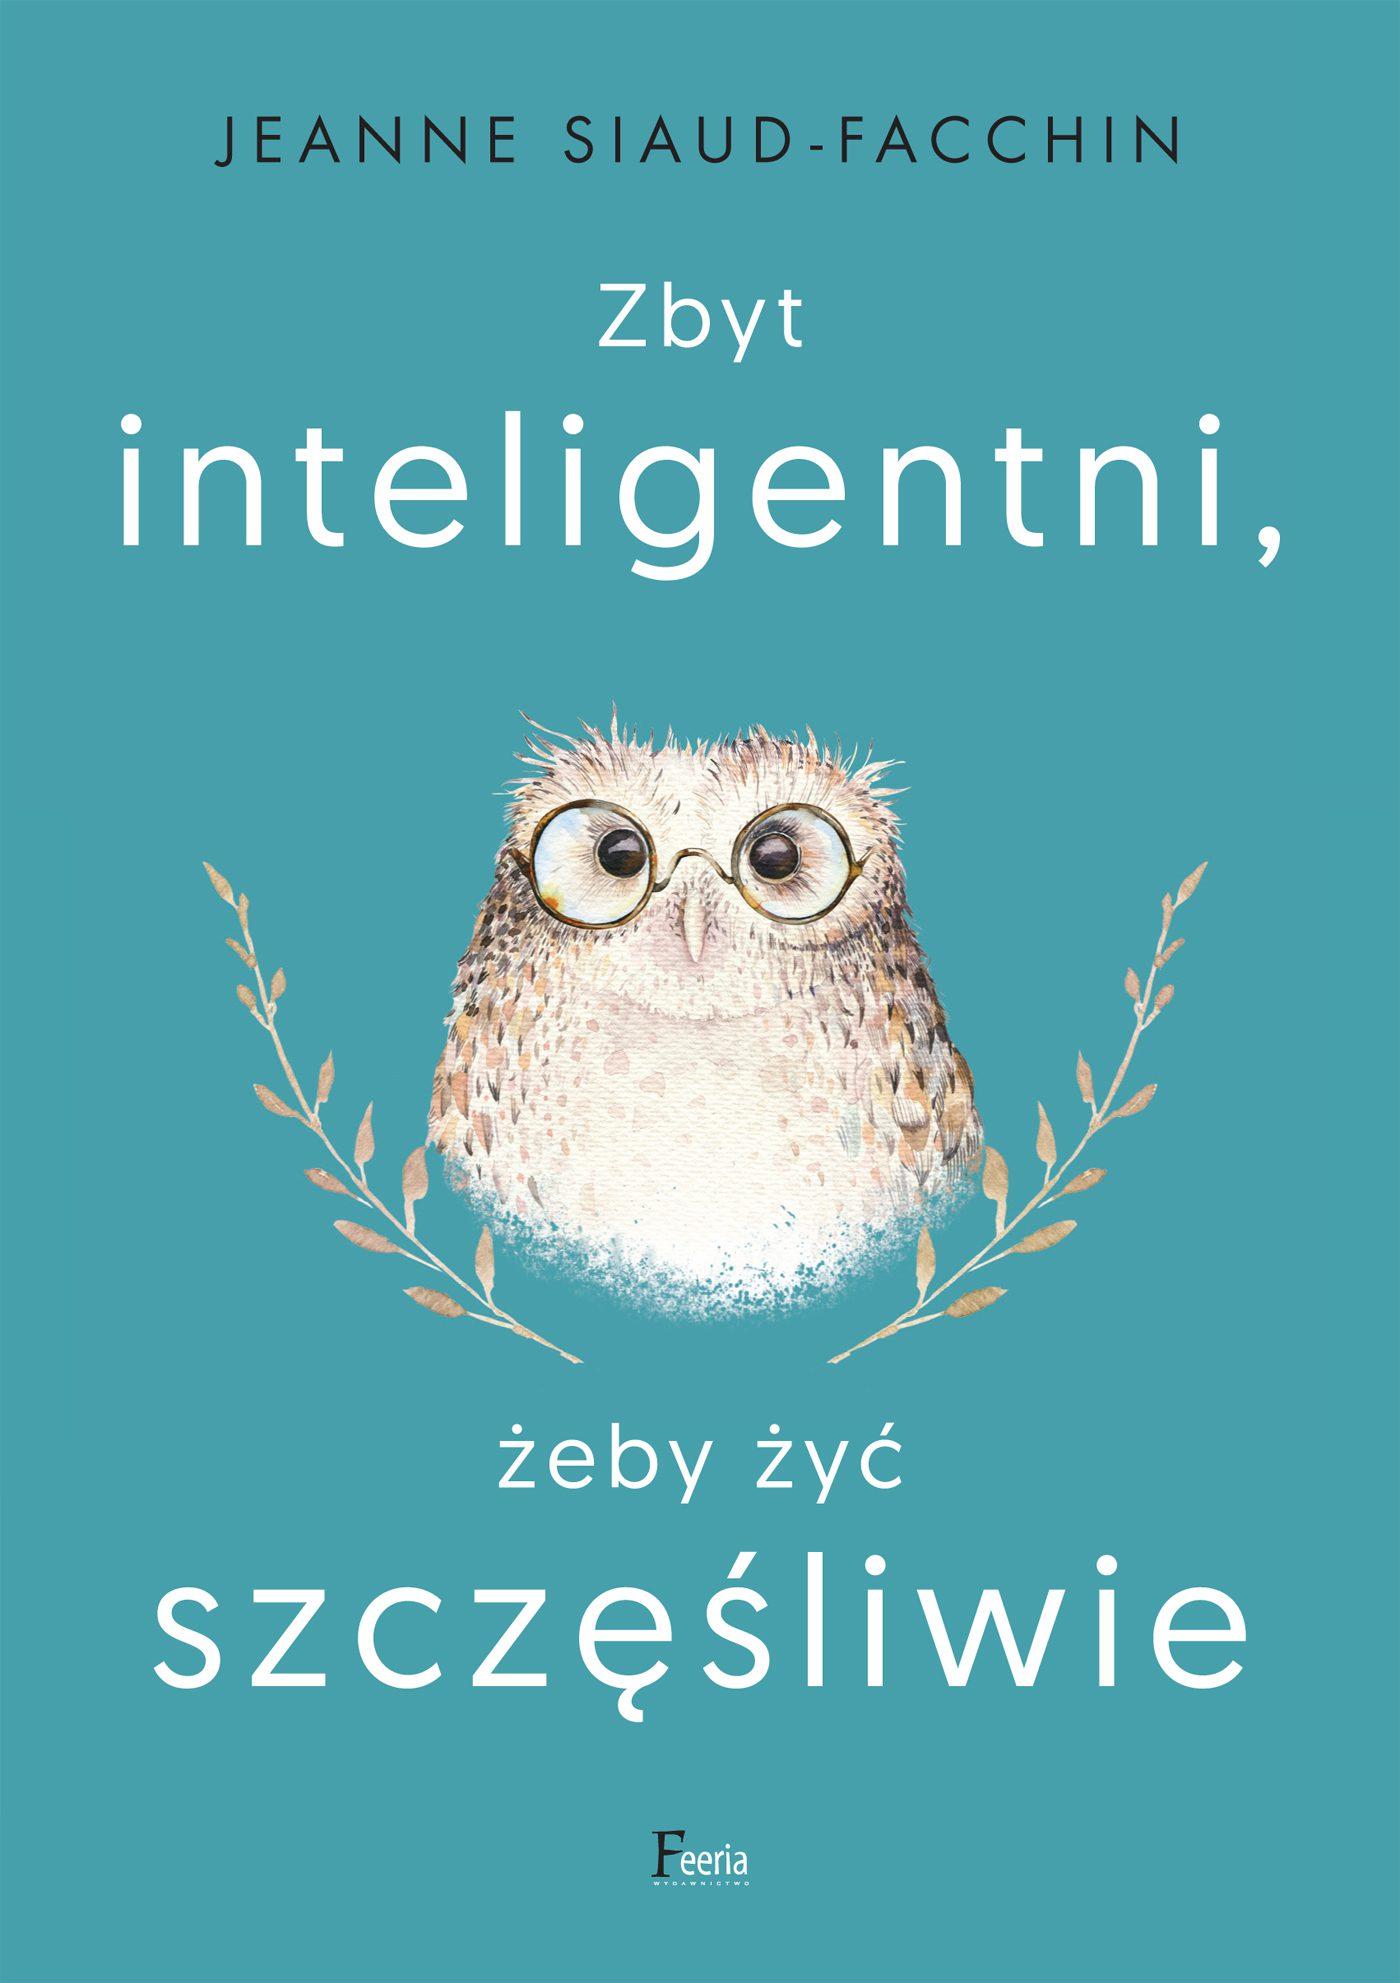 Zbyt inteligentni, żeby żyć szczęśliwie - Ebook (Książka EPUB) do pobrania w formacie EPUB